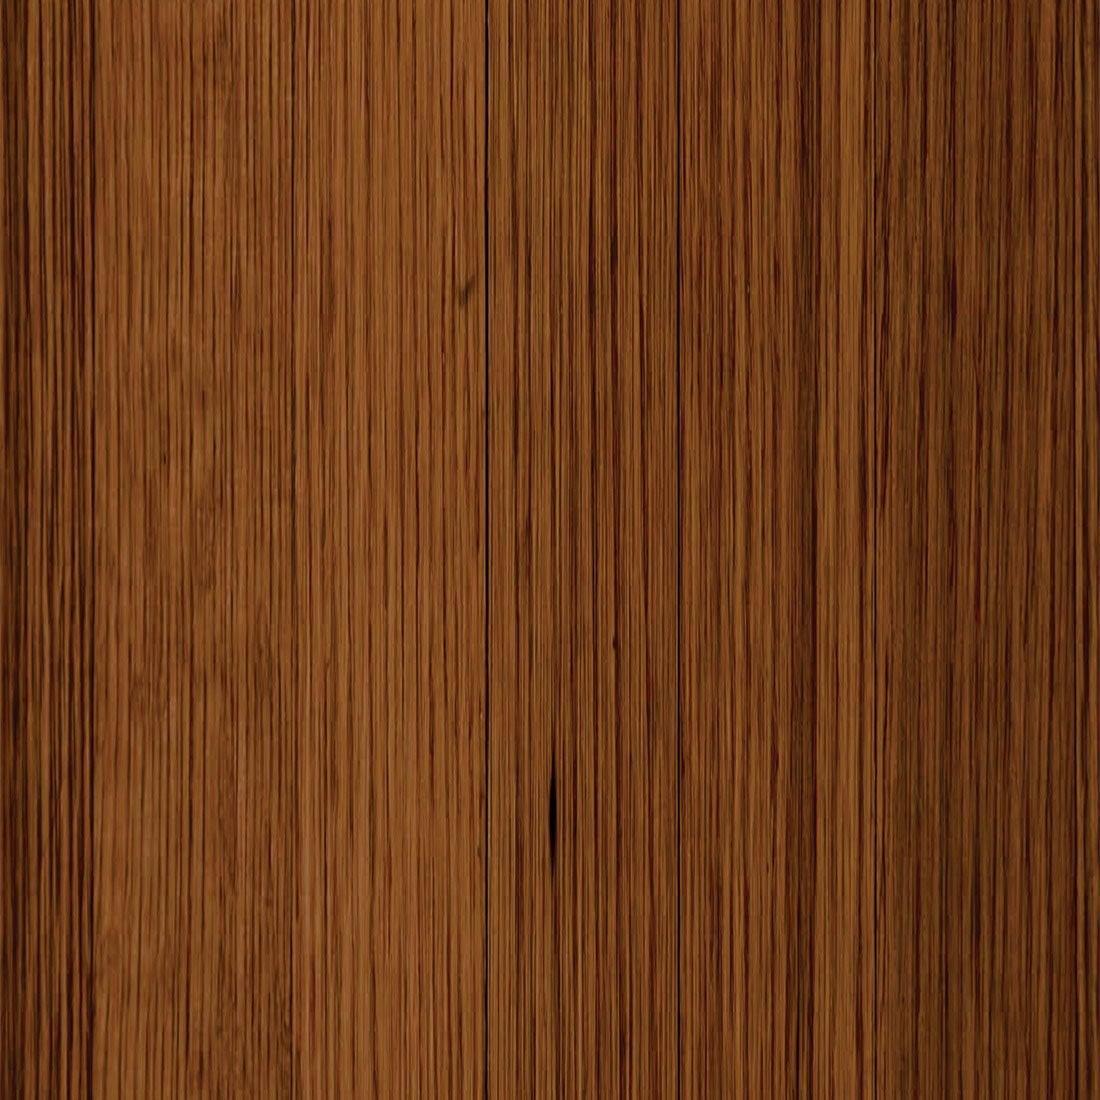 Papel De Parede Madeira Alto Adesivo Lav Vel Vin Lico R 45 00  -> Imagem Parede De Madeira